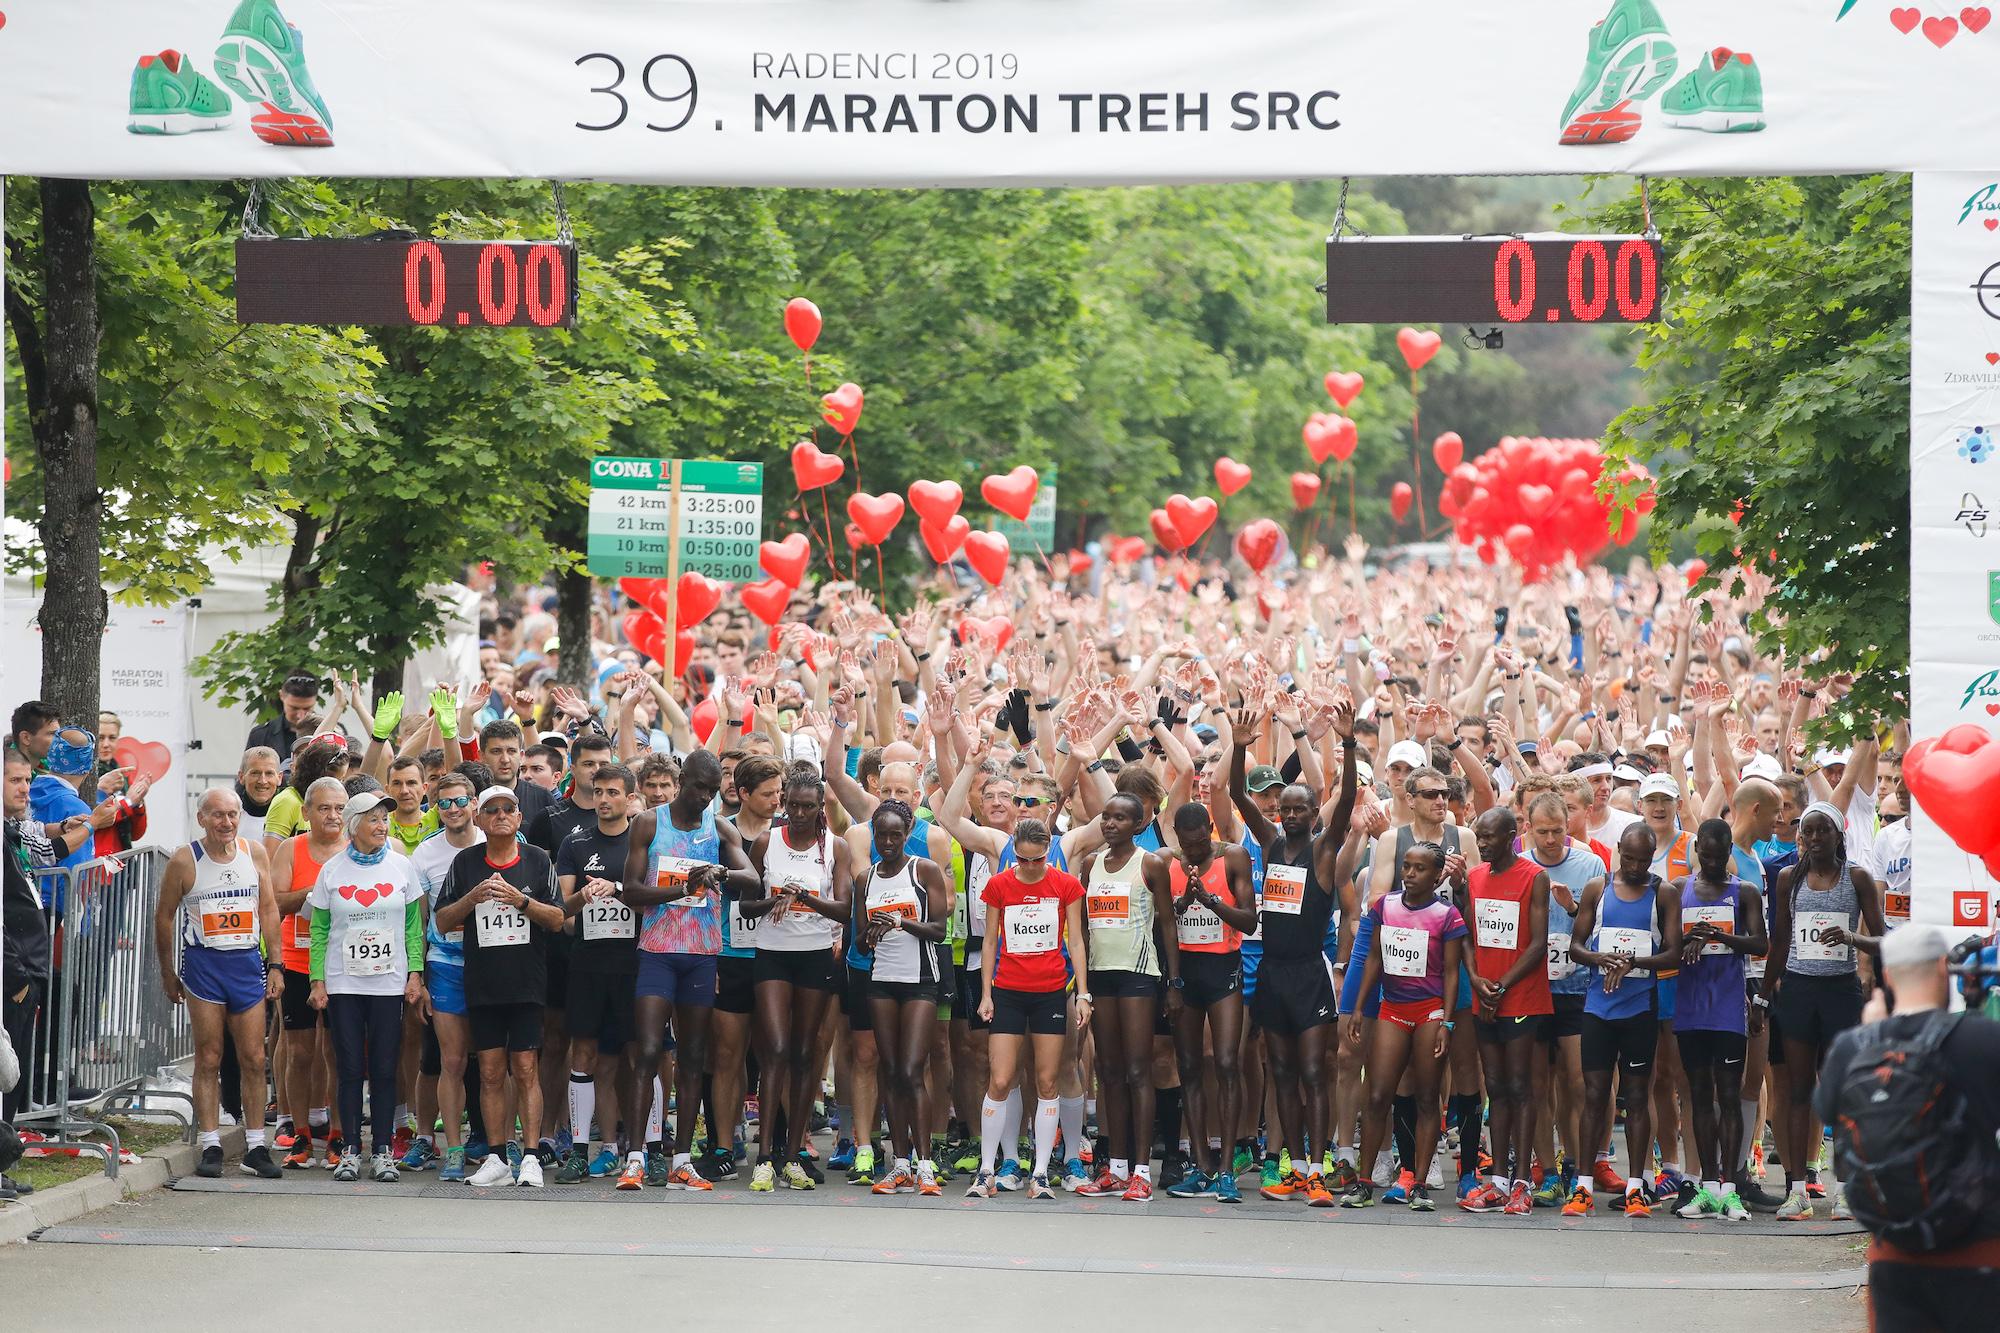 V cilju slavilo skoraj 7000 tekačev in pohodnikov